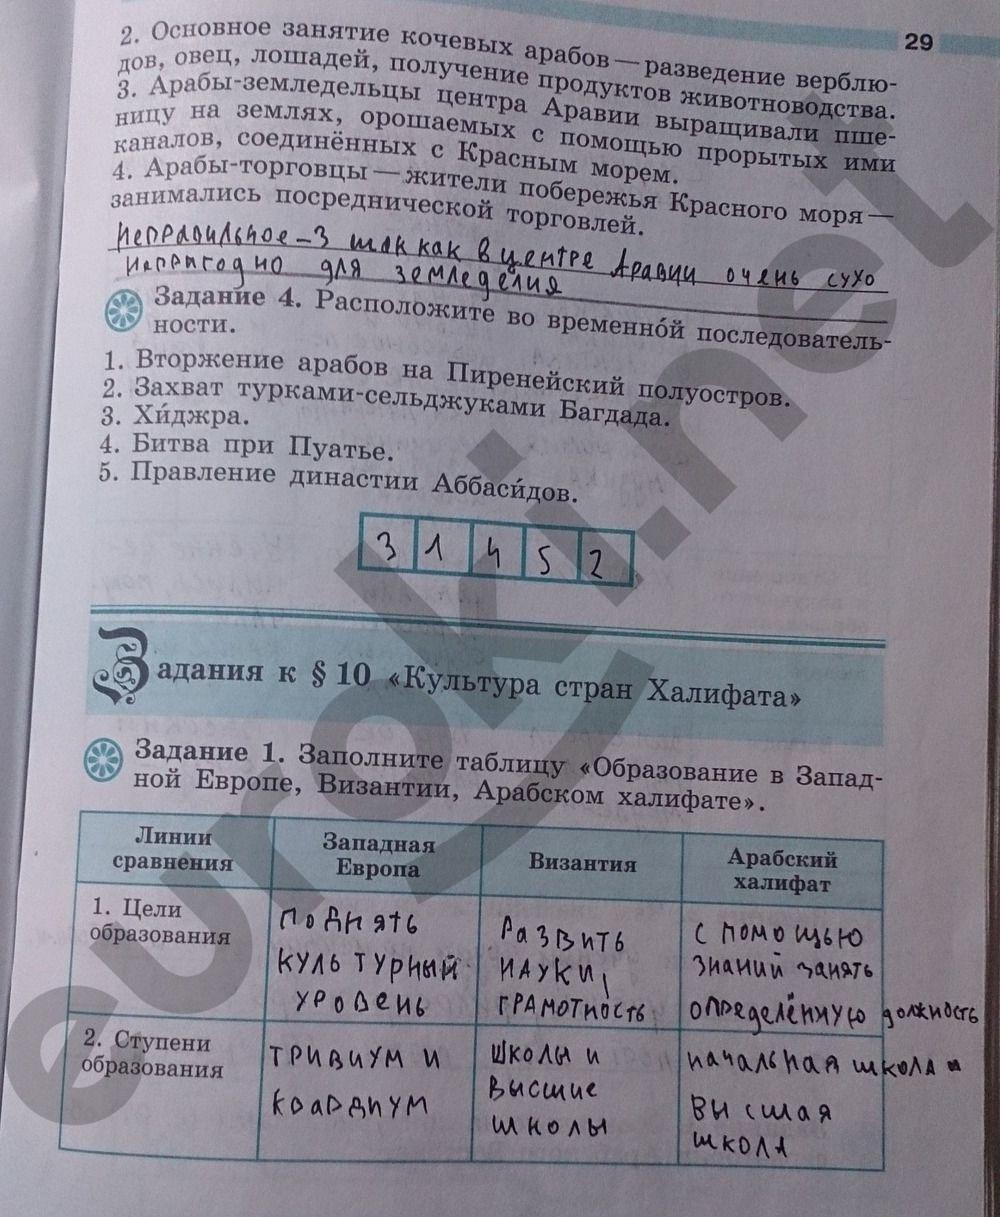 Контрольная работа по русскому языку за 1 полугодие в форме гиа 8 класс разумовская